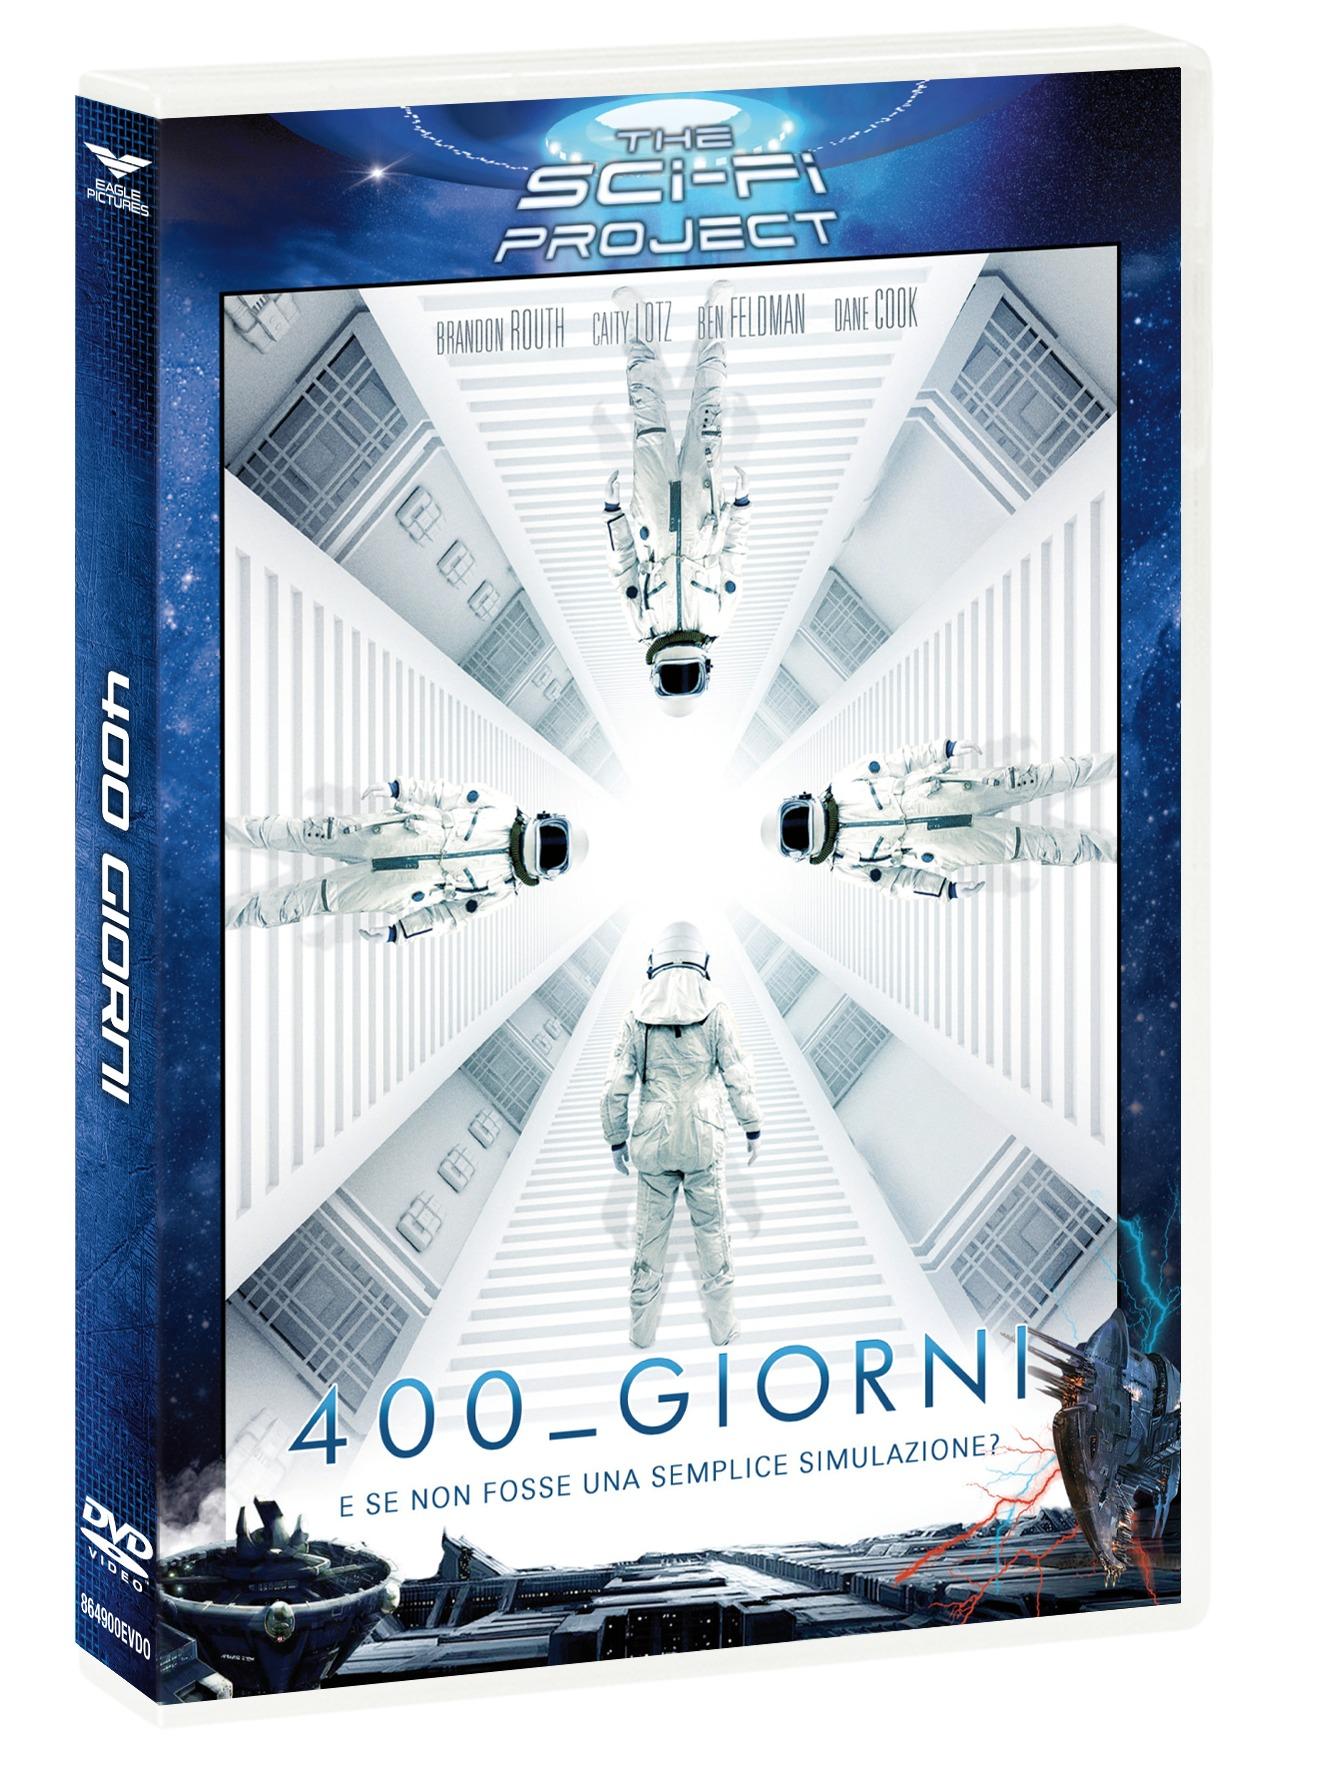 400 GIORNI (SCI-FI PROJECT) (DVD)